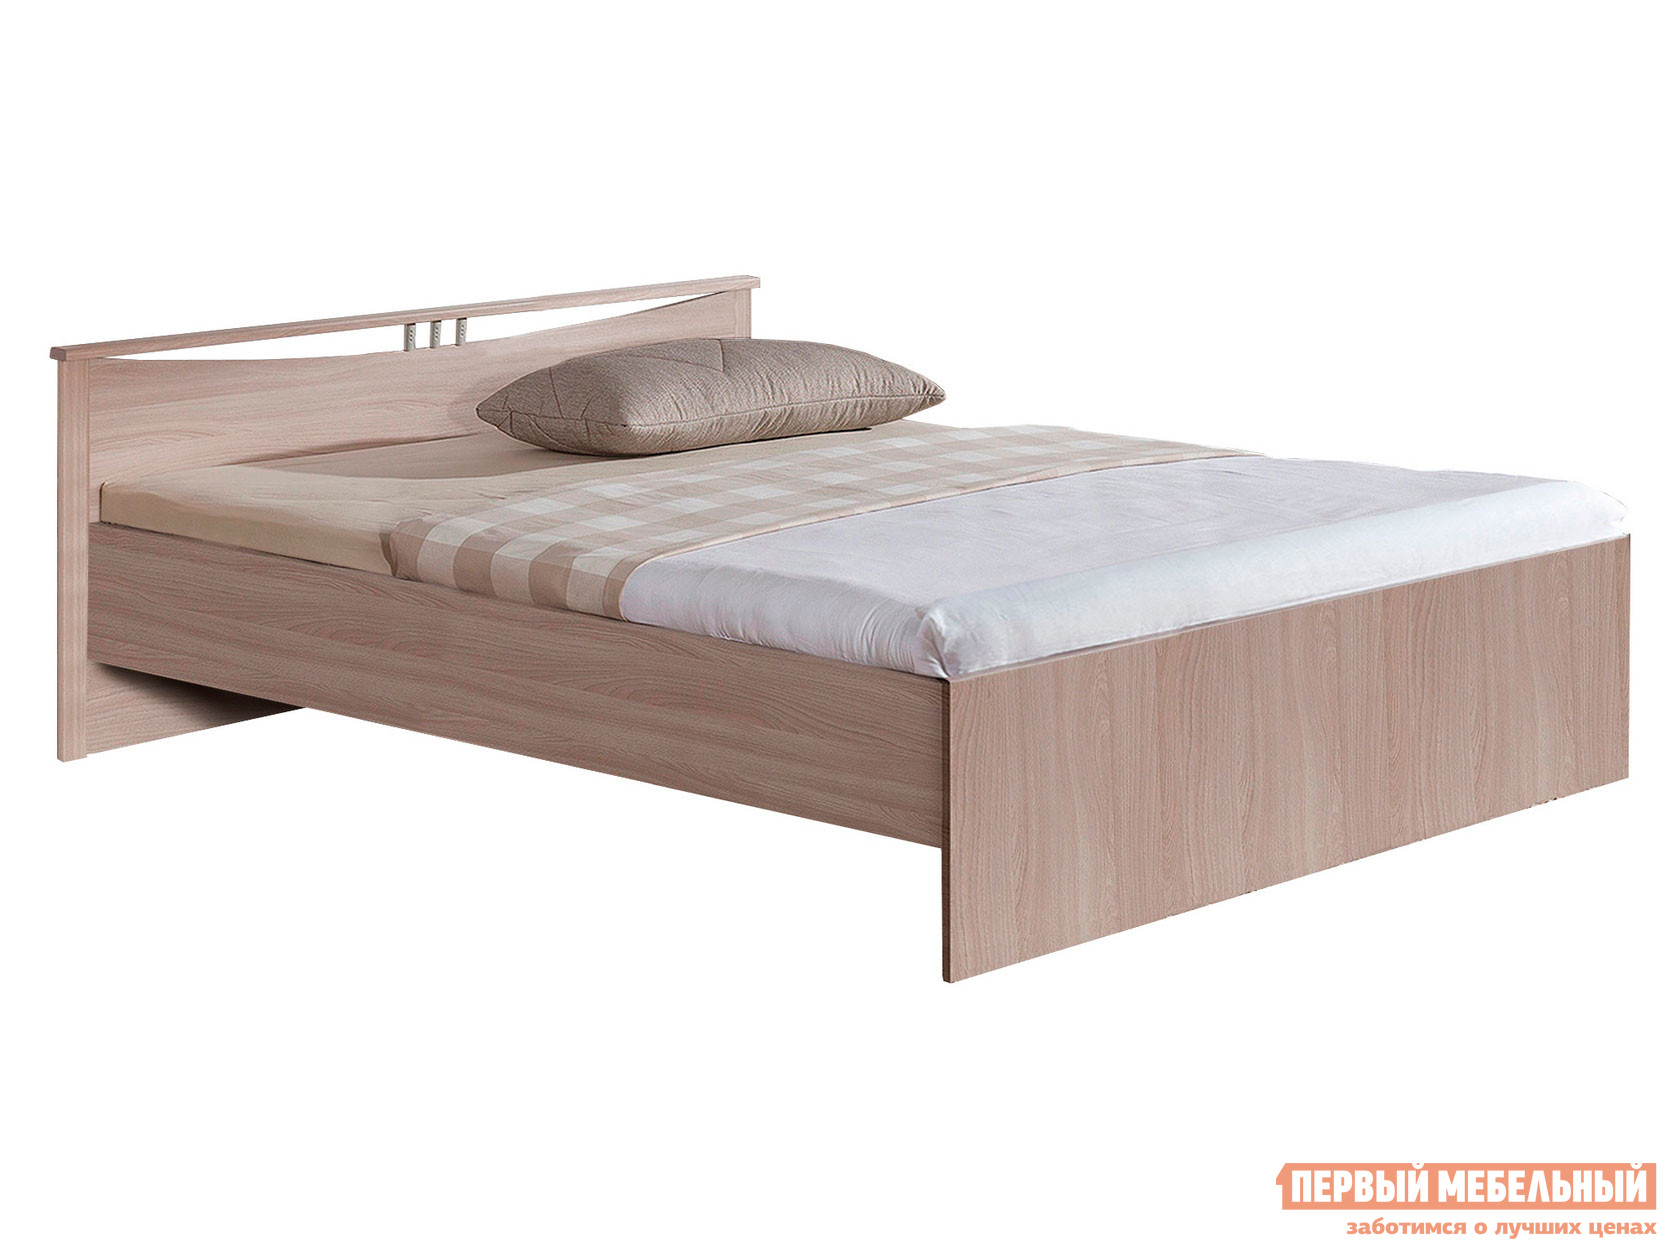 Односпальная кровать  Кровать Мелисса Шимо светлый, 1200 Х 2000 мм